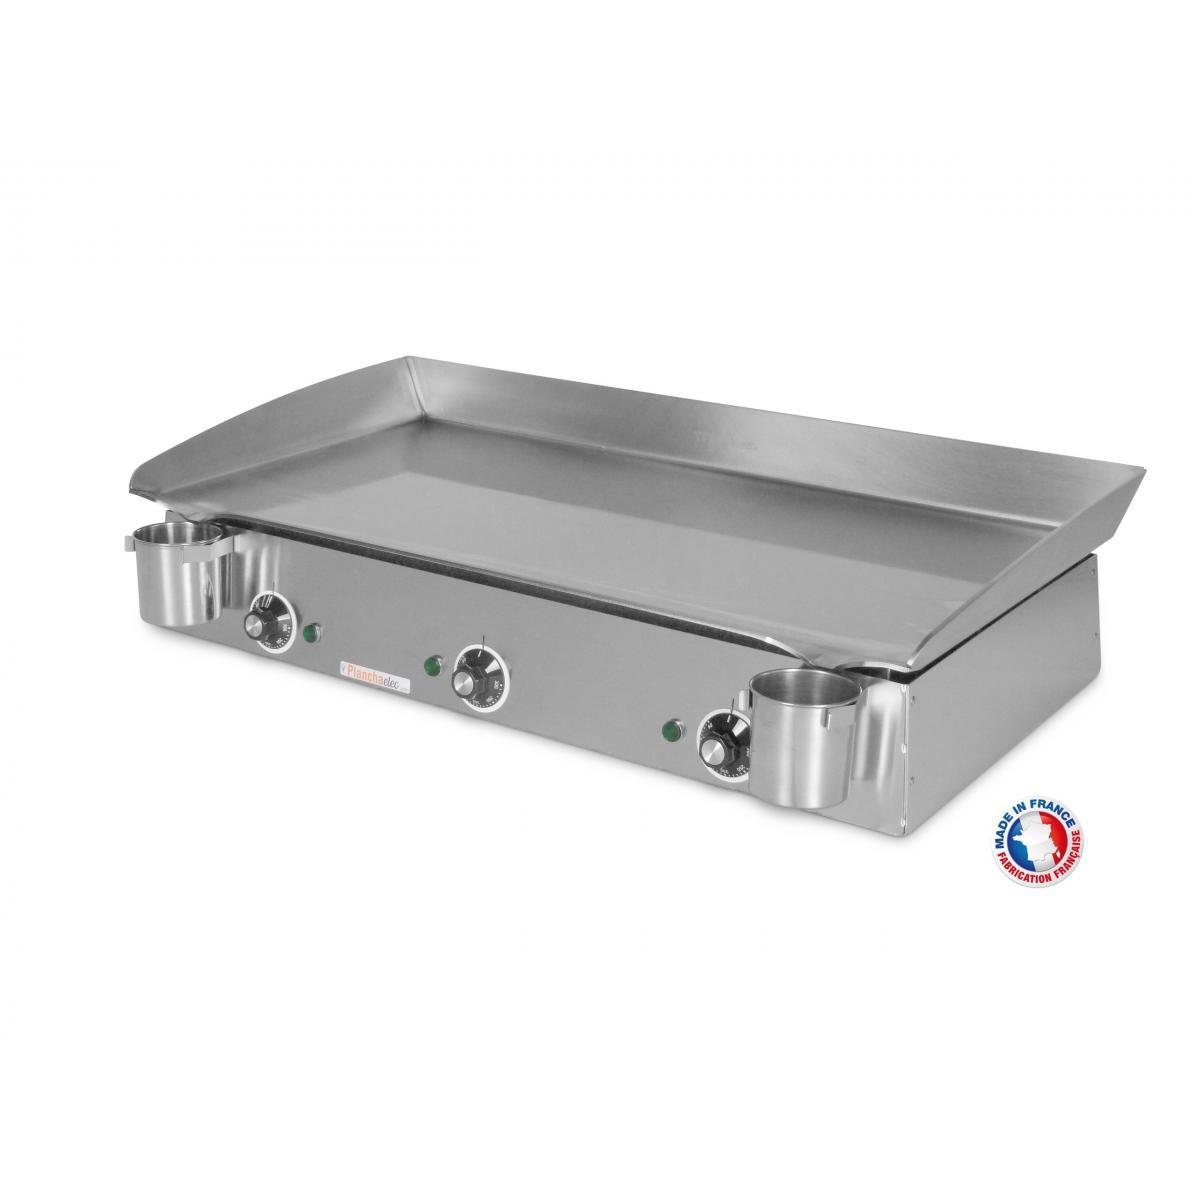 Planchaelec Plancha électrique PLANCHAELEC LUX 830 - INOX - 3600 W